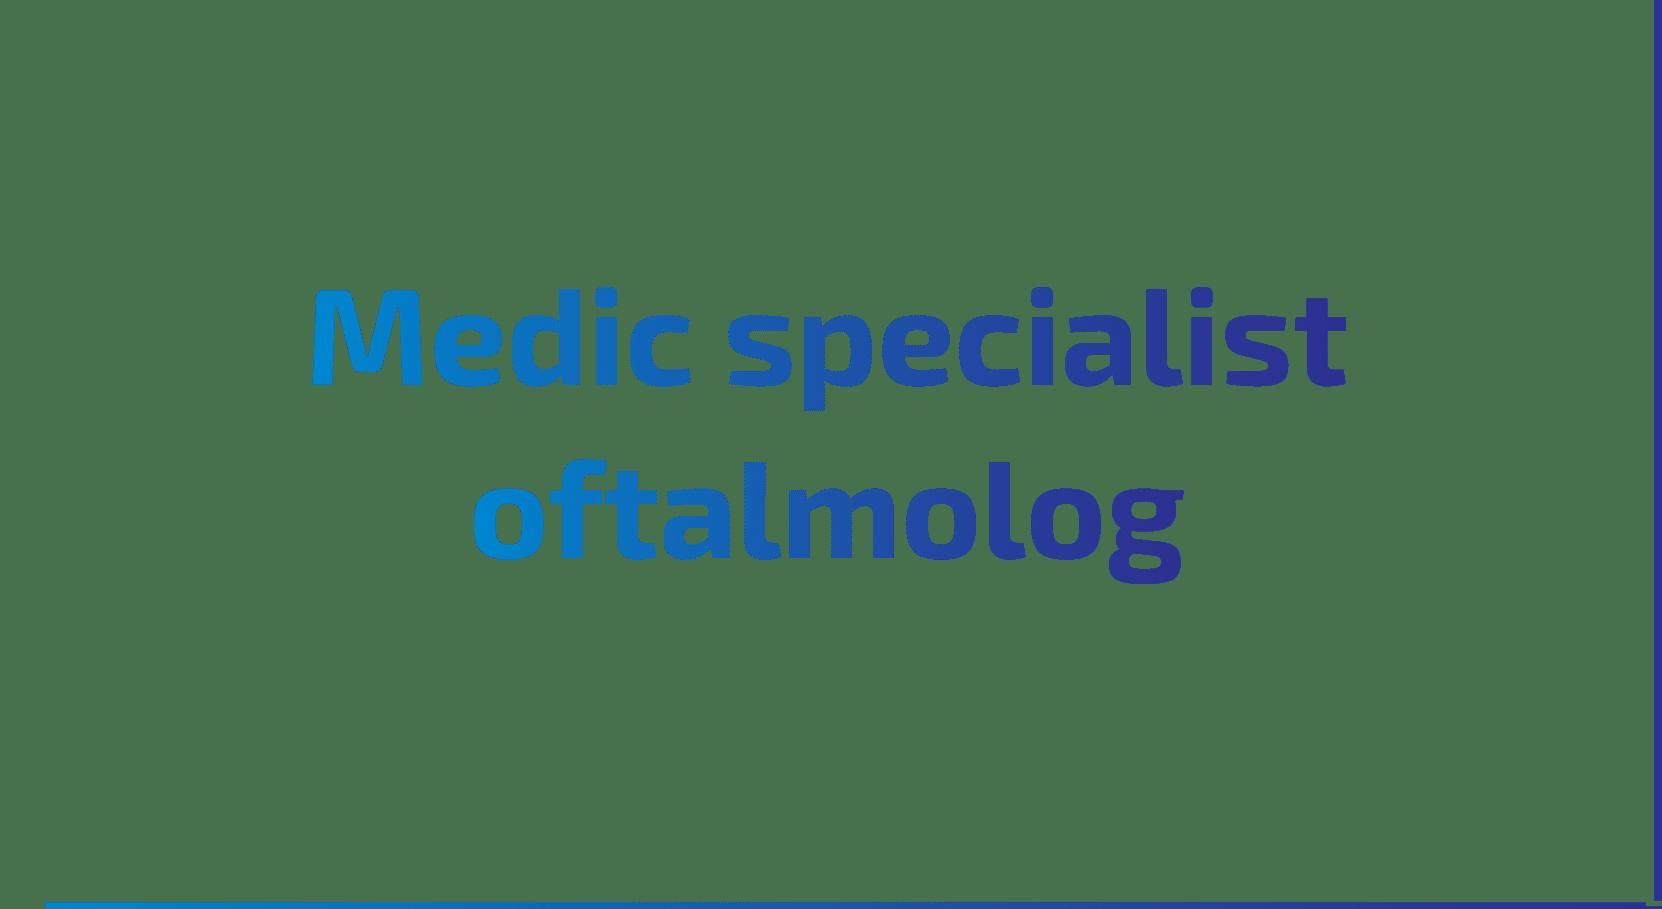 medic specialist ochi